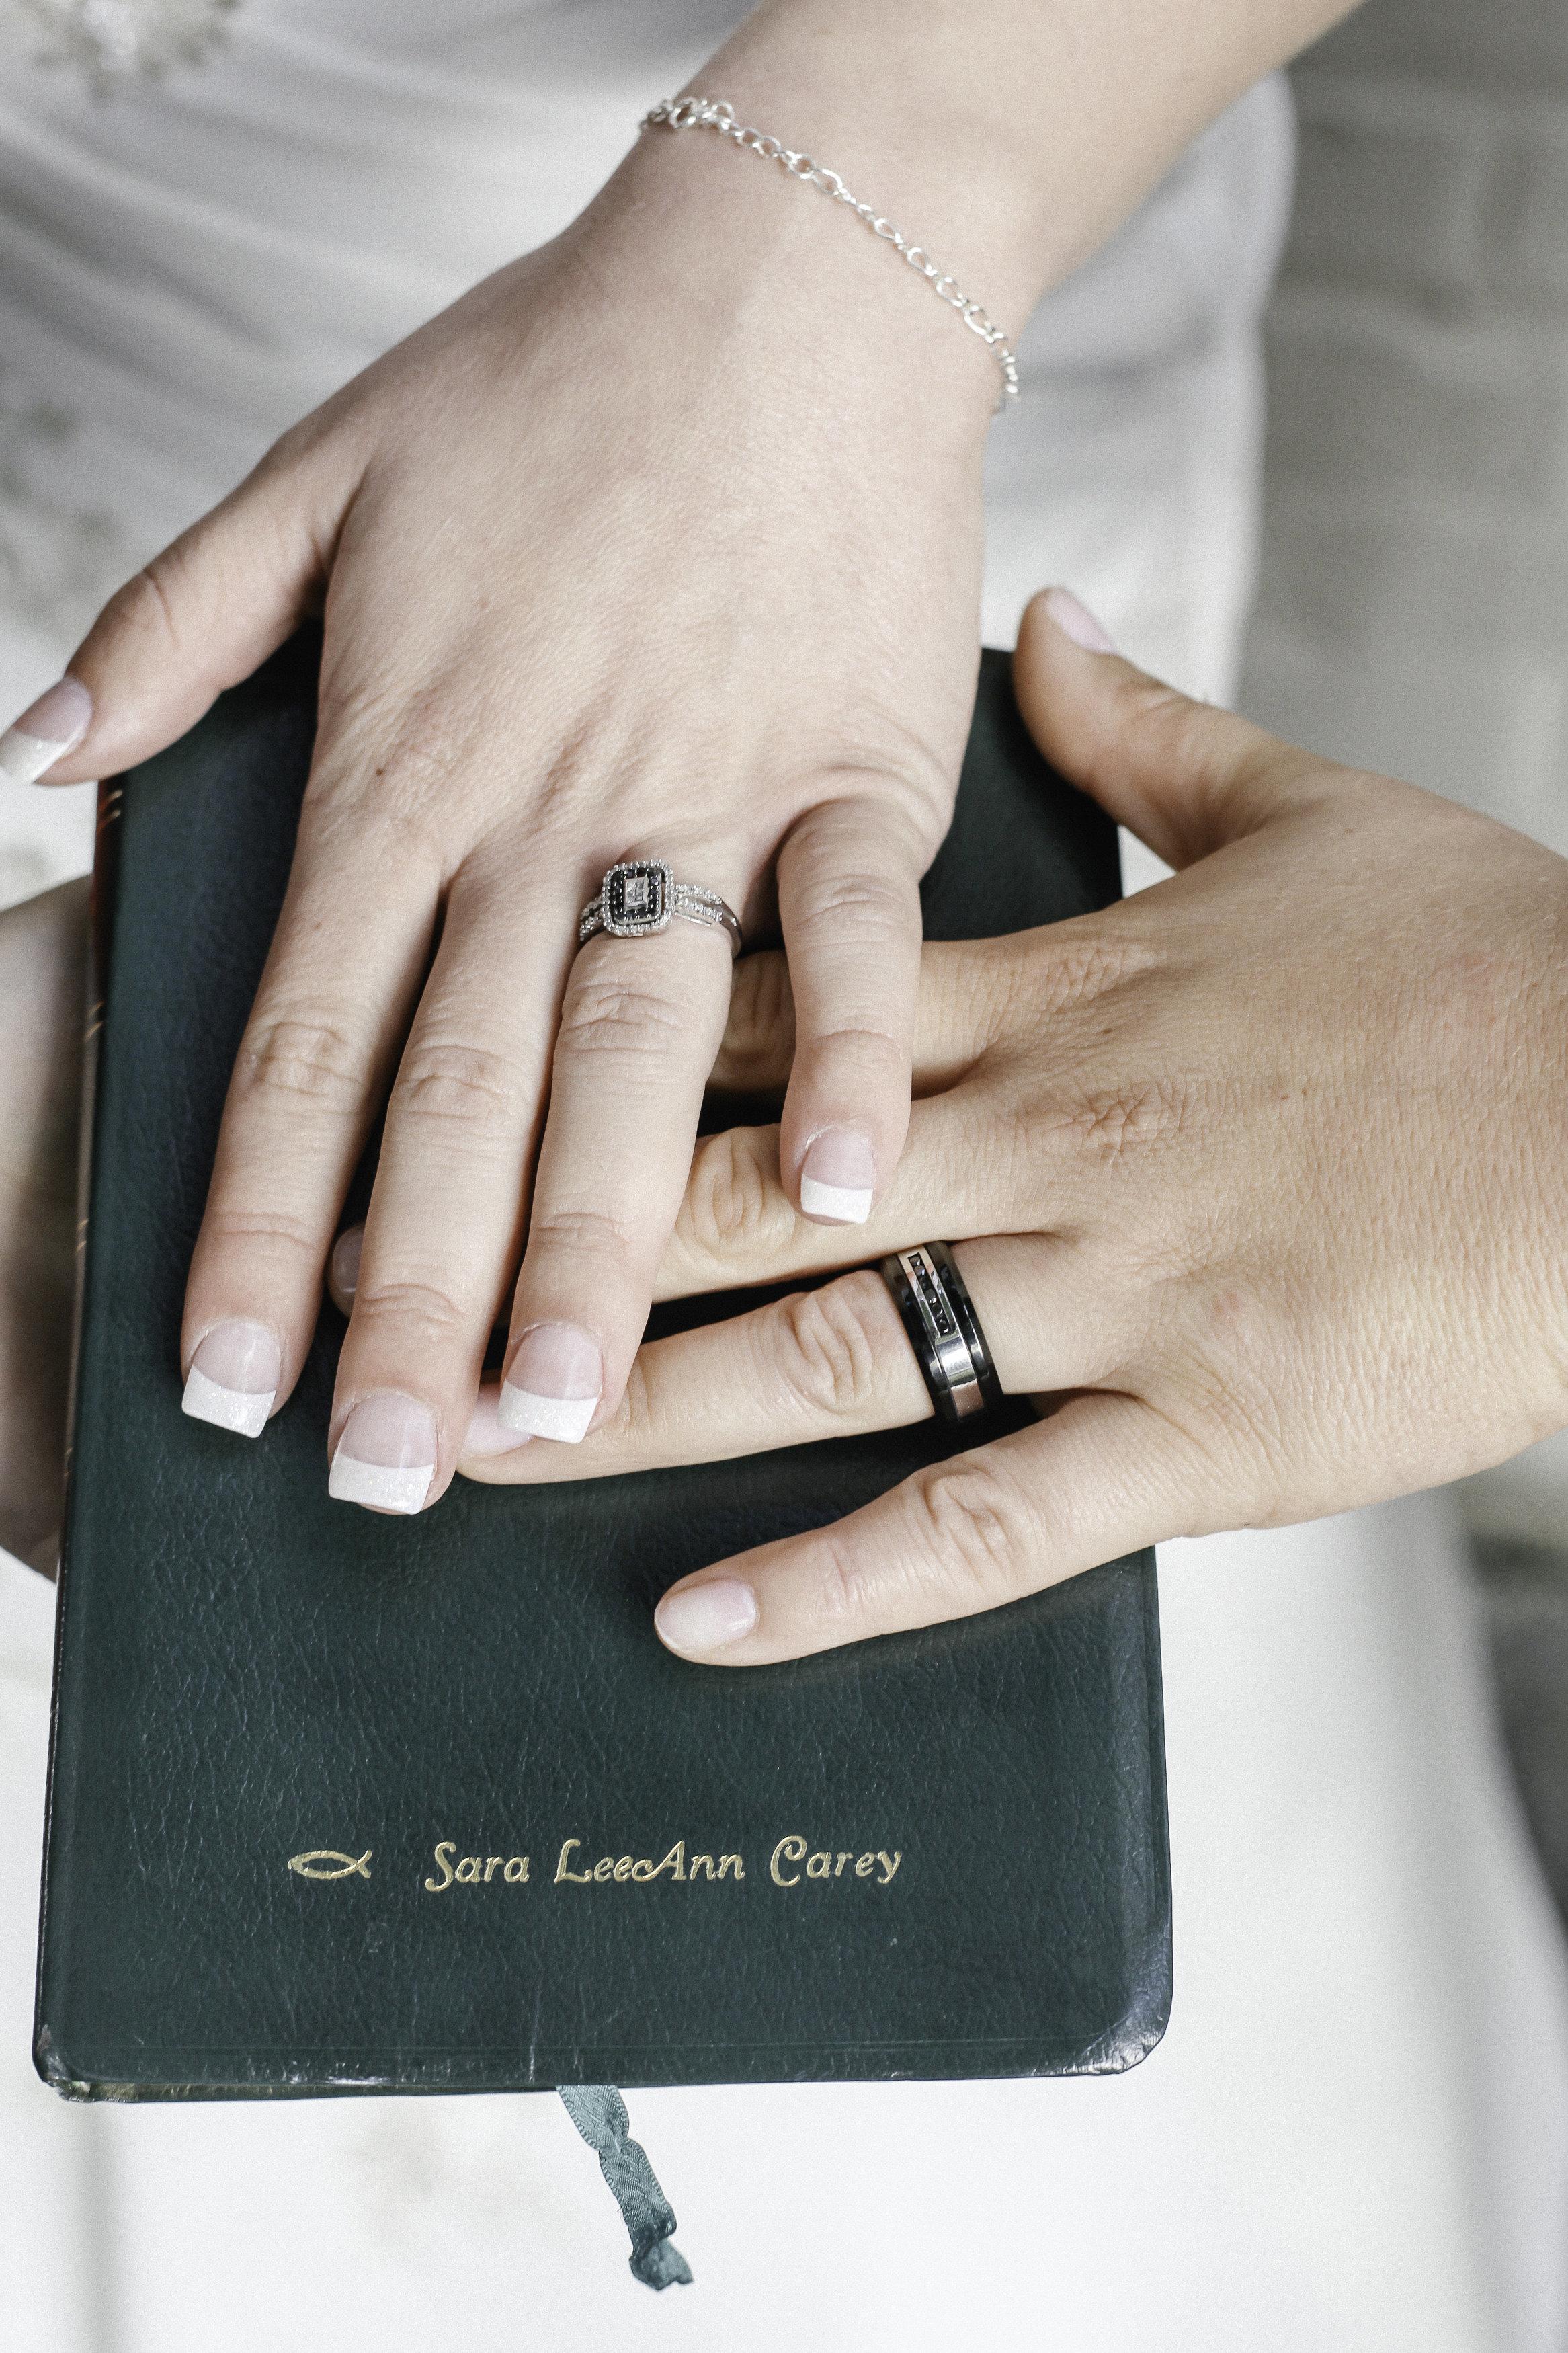 Devon Sara Married-Devon Sara-0176.jpg